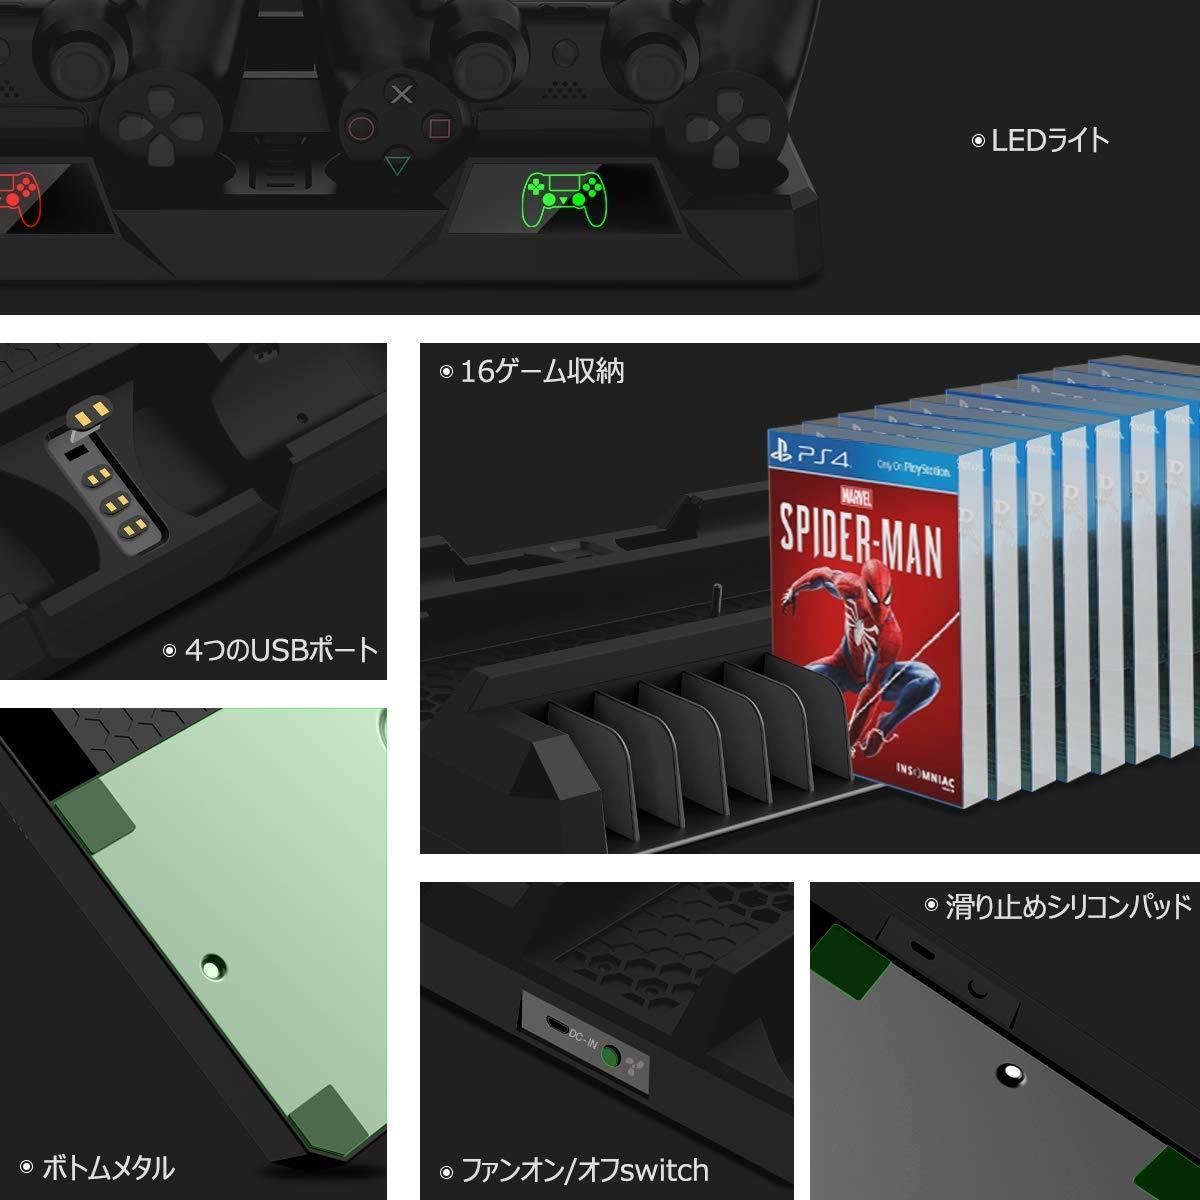 【新品 大人気】PS4 専用 縦置きスタンド プレステ プレイステーション コントローラ 充電スタンド ゲームディスク収納可能 ポイント消化_画像7